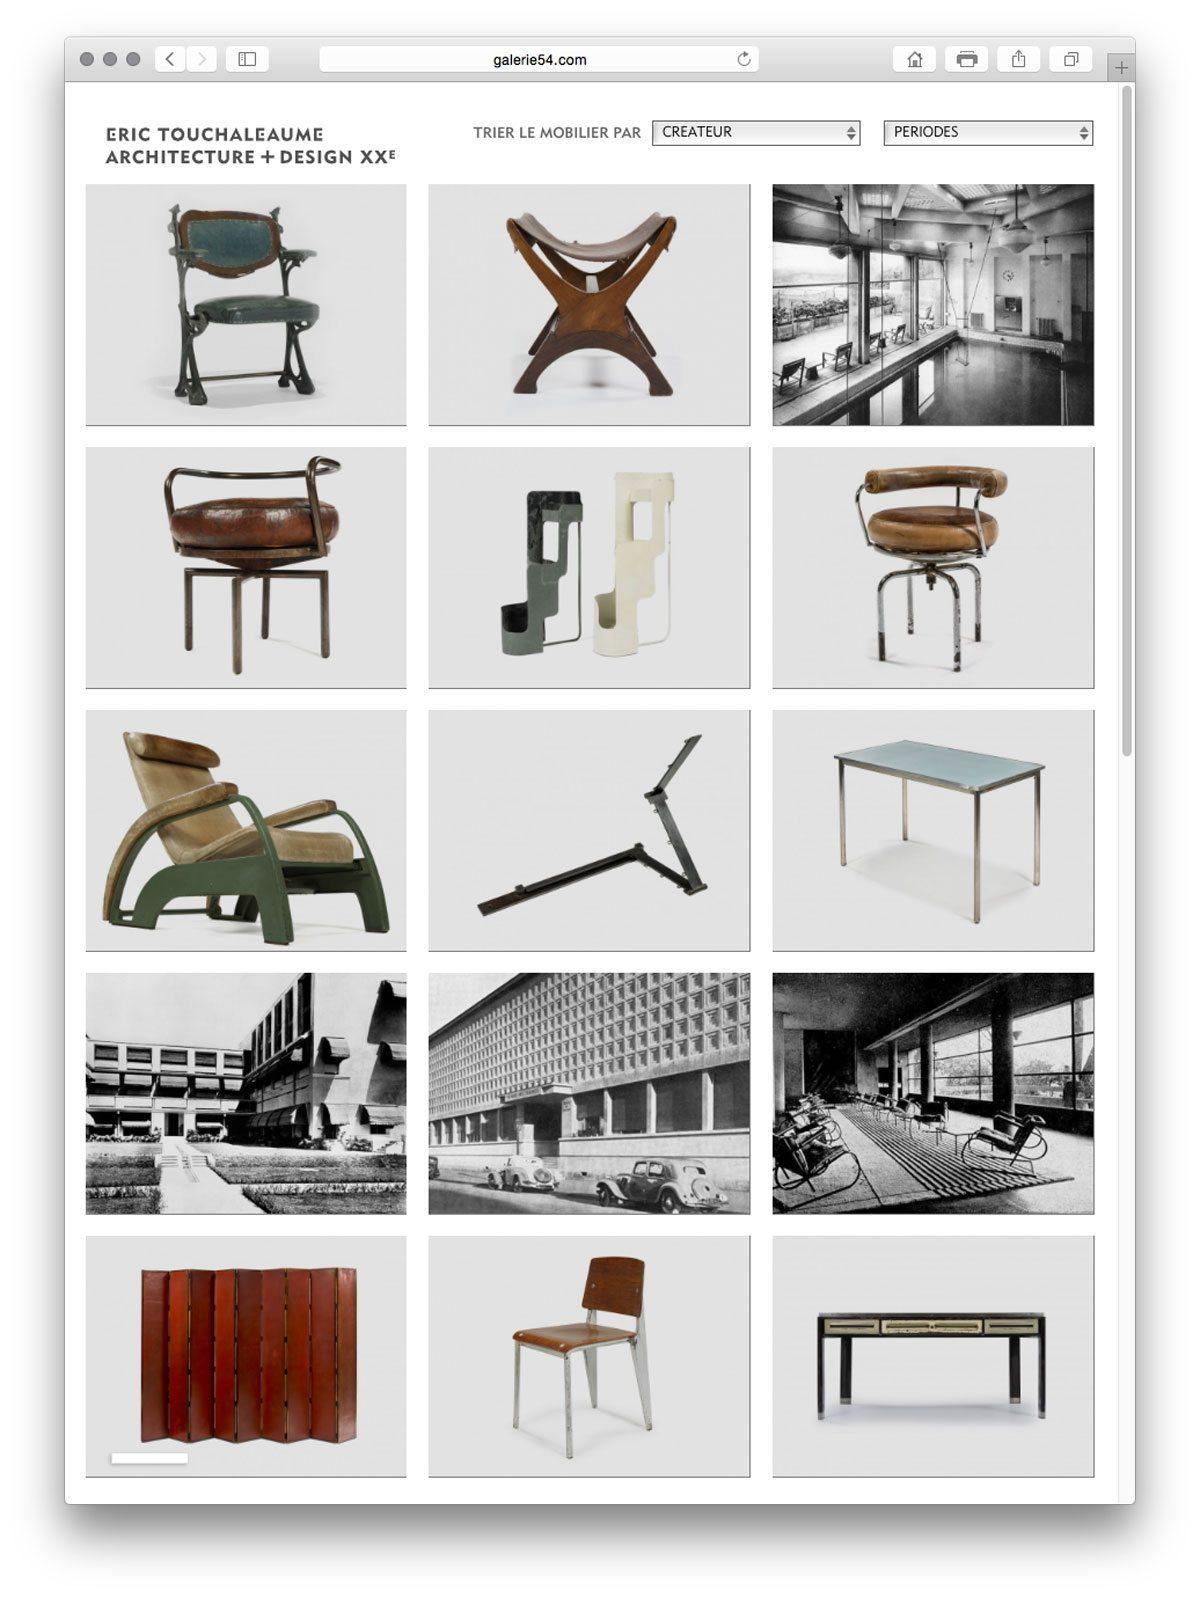 site galerie 54 grille d'accueil de la rubrique design et sculpture